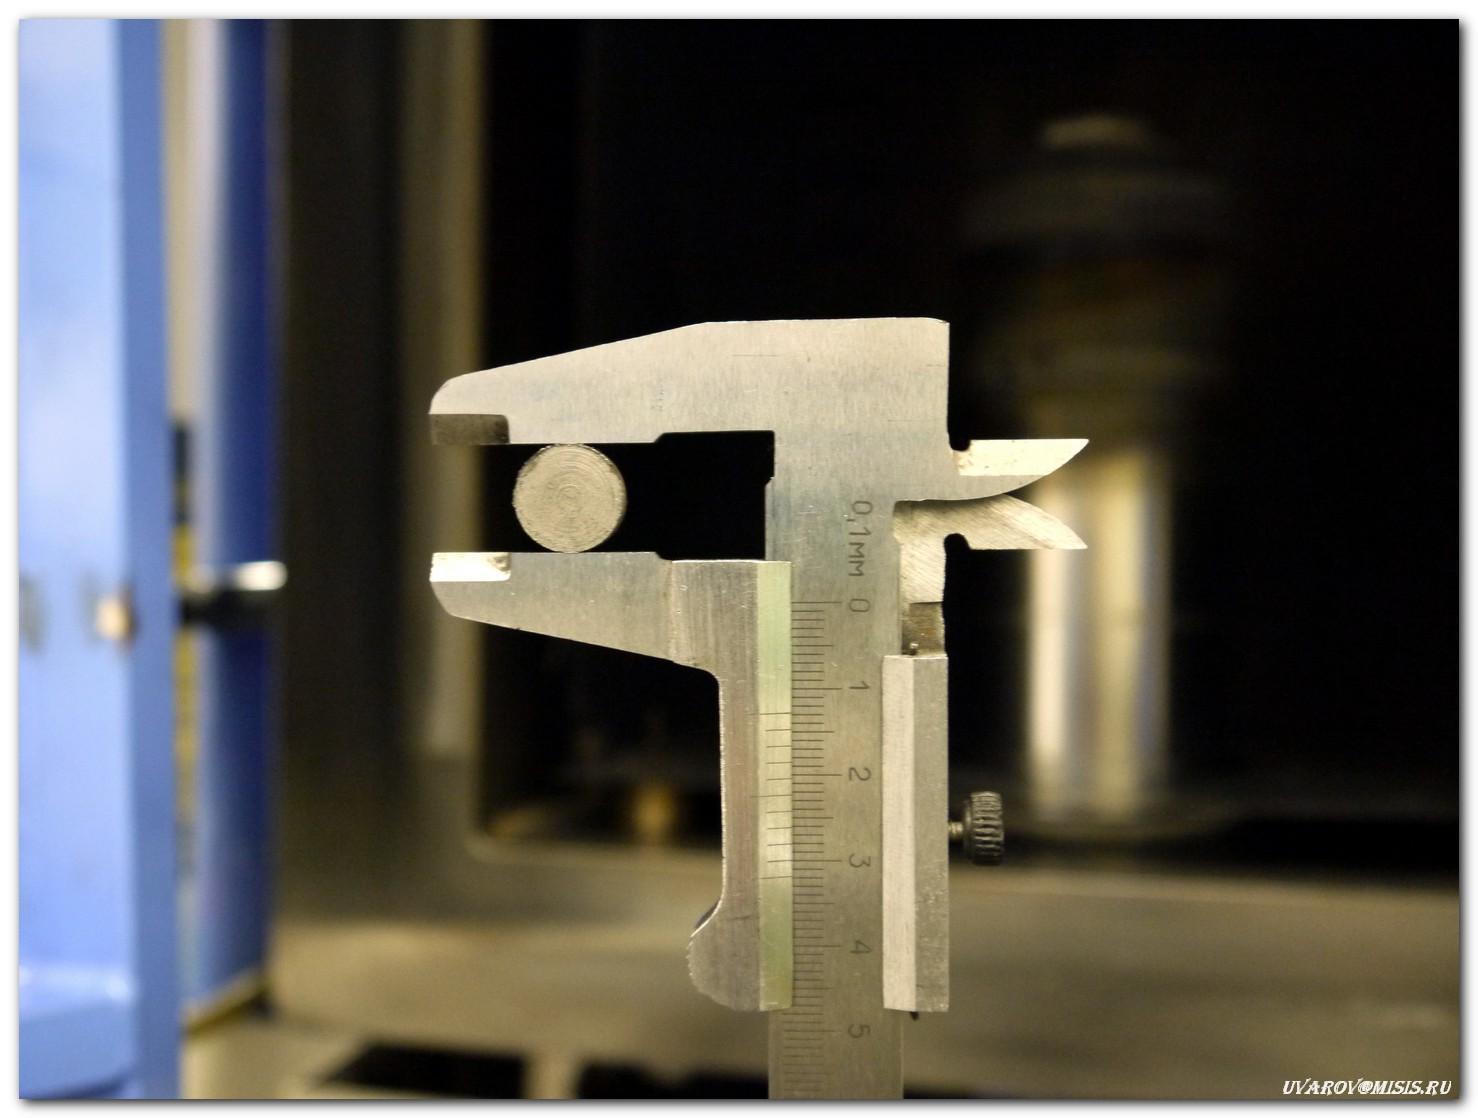 Лаборатории НИТУ «МИСиС»: от разделения наночастиц магнетита до создания квантового компьютера - 15